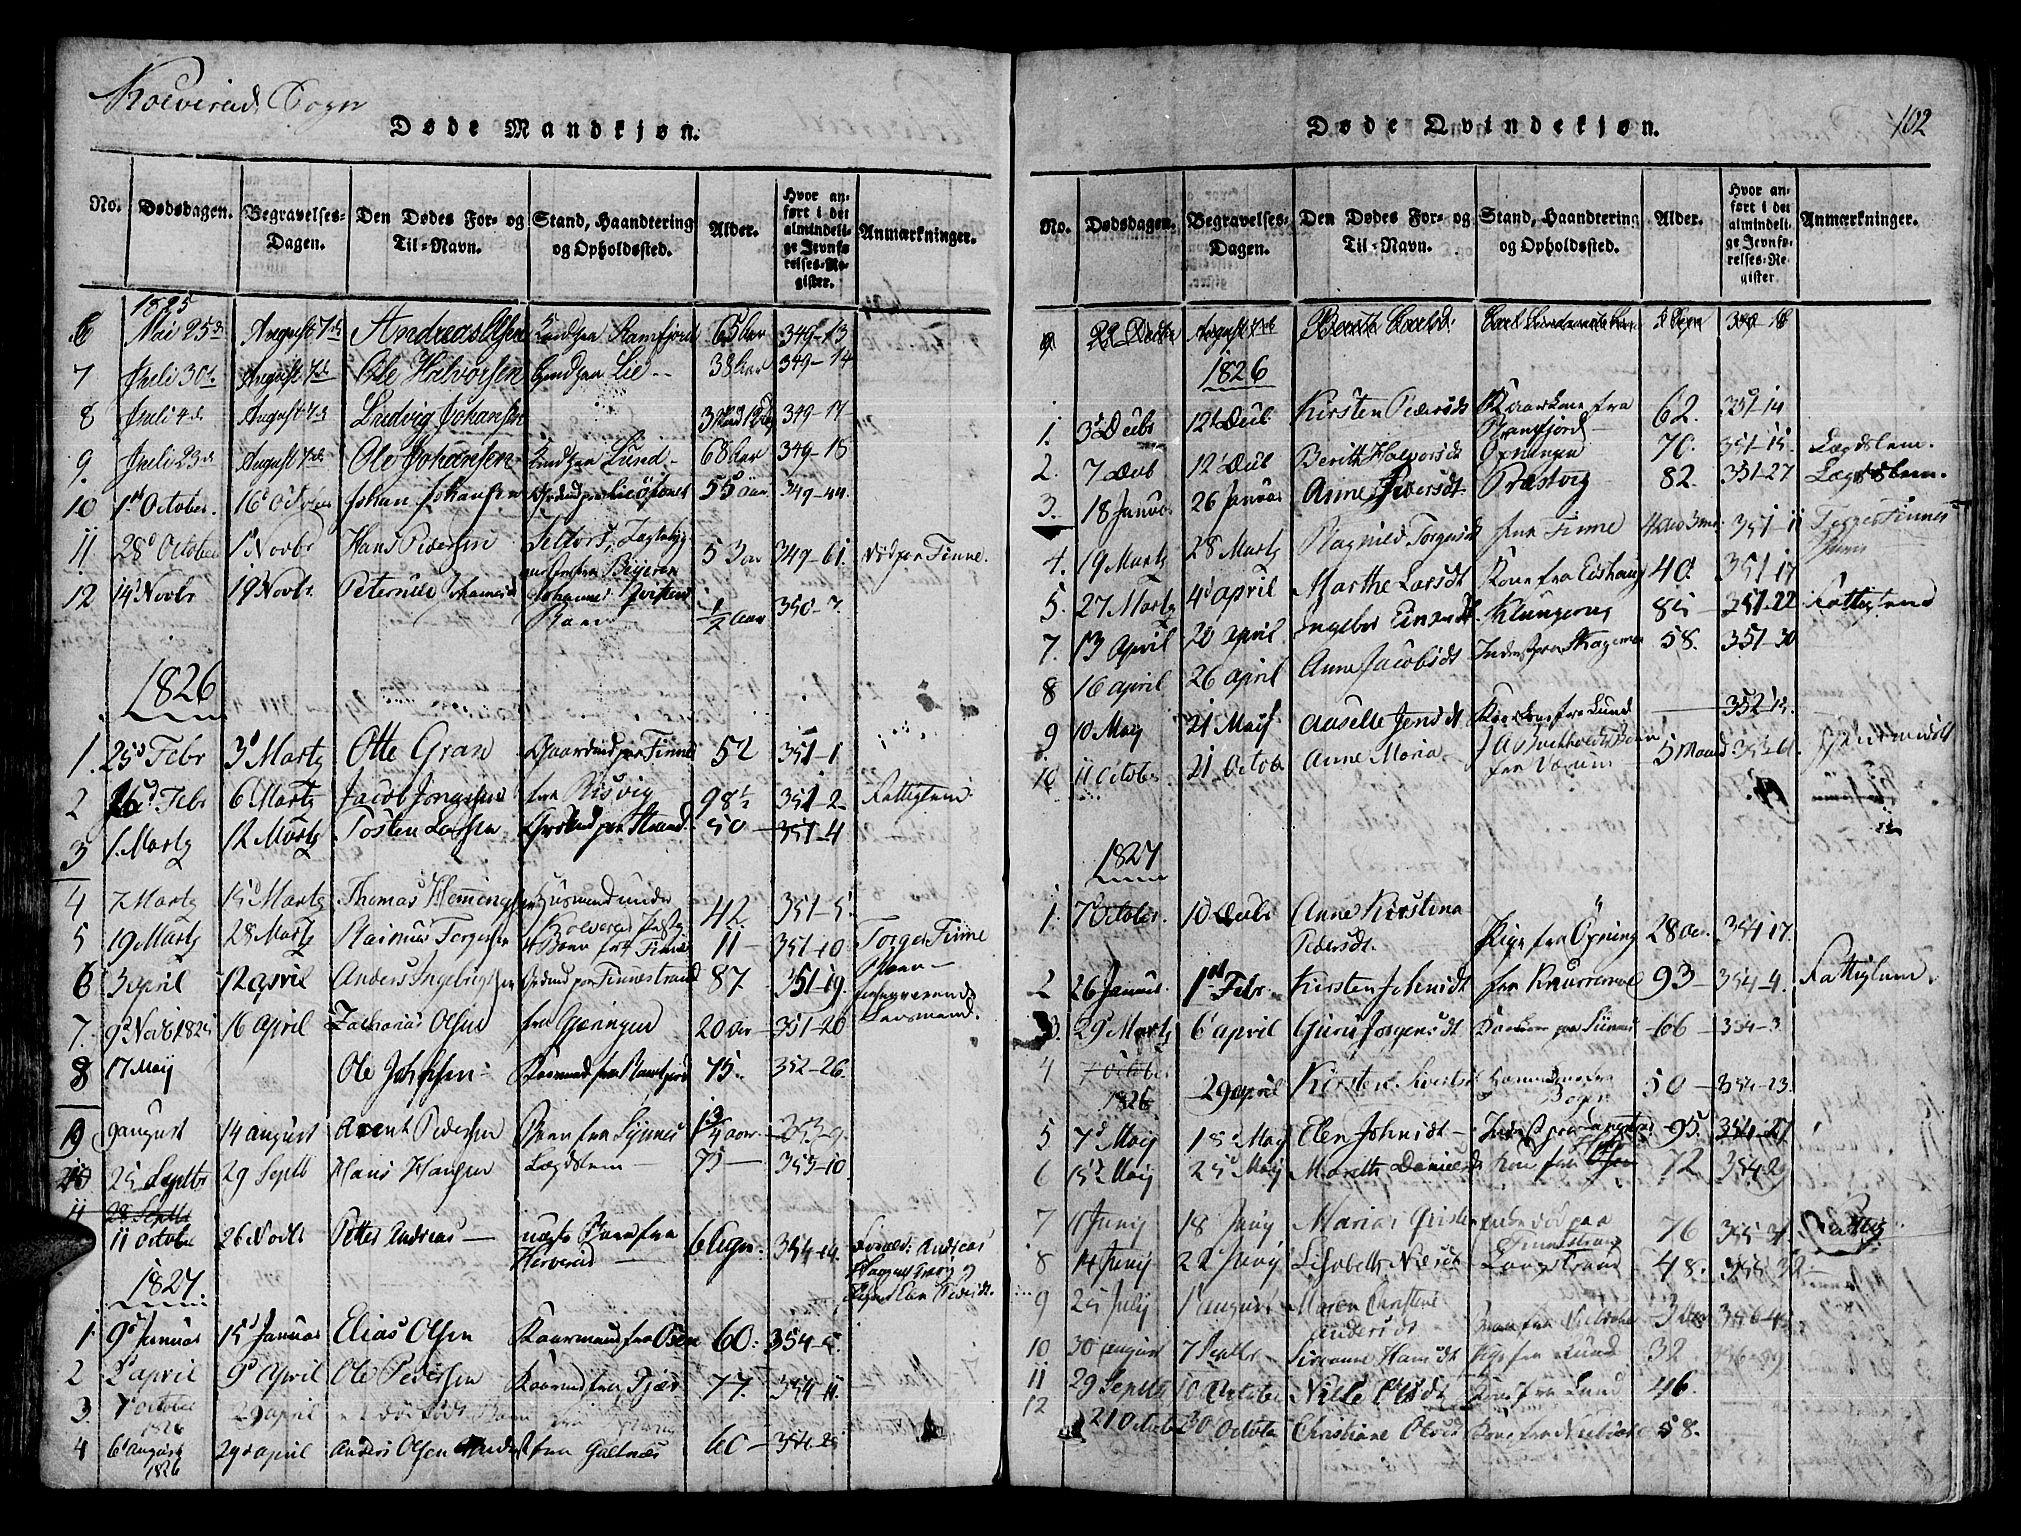 SAT, Ministerialprotokoller, klokkerbøker og fødselsregistre - Nord-Trøndelag, 780/L0636: Ministerialbok nr. 780A03 /1, 1815-1830, s. 102